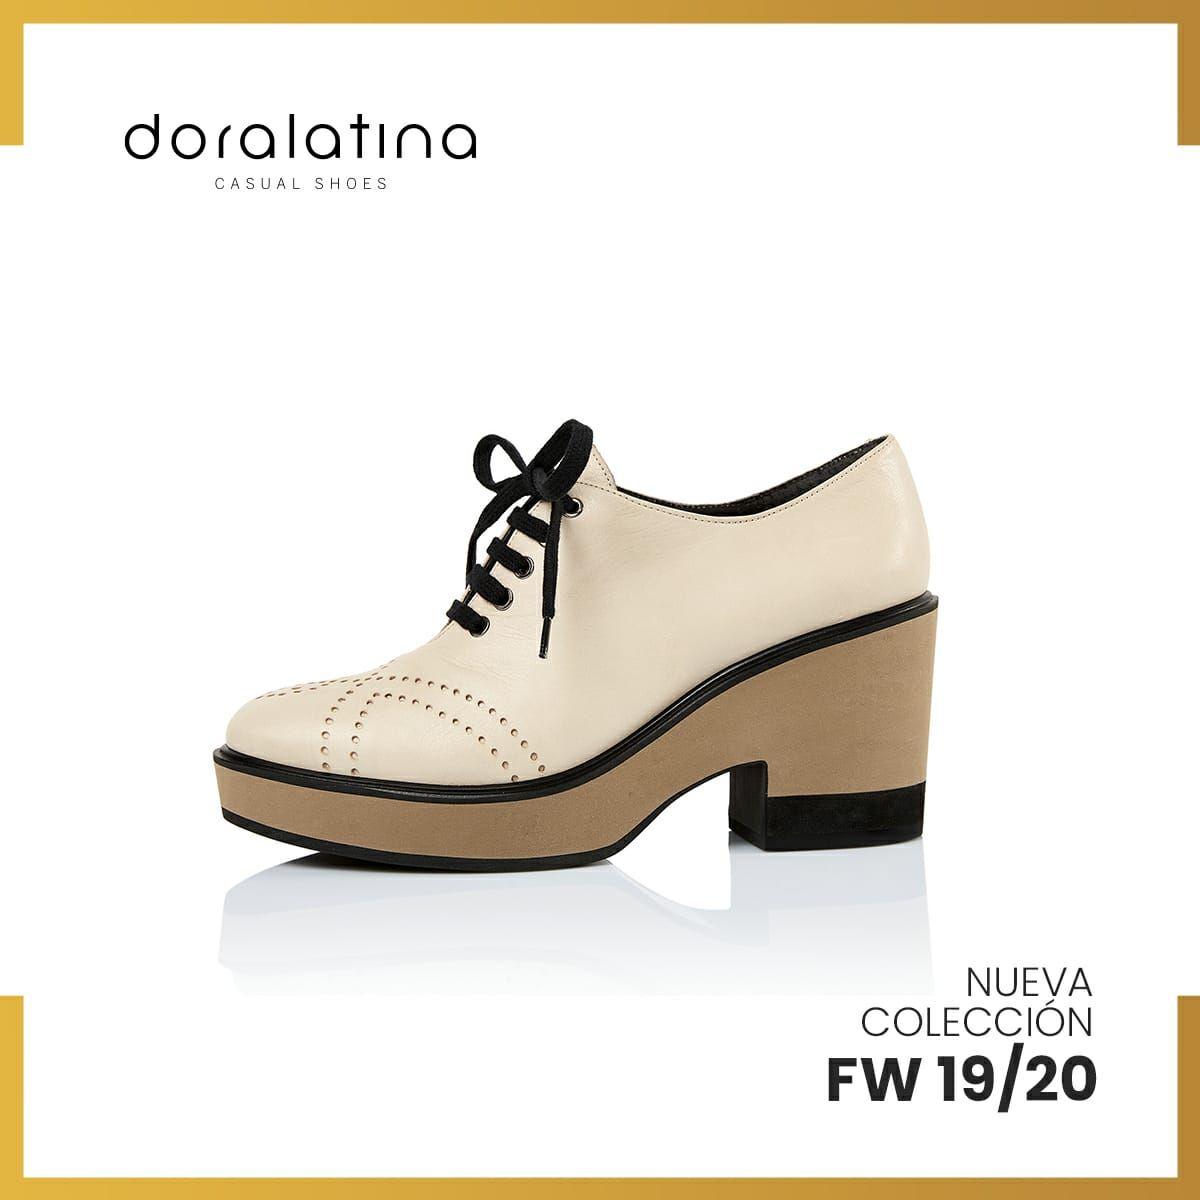 Doralatina Shoes Coleccion Otono Invierno 2019 2020 Calzado Mujer Zapatos Plataformas Zapatos